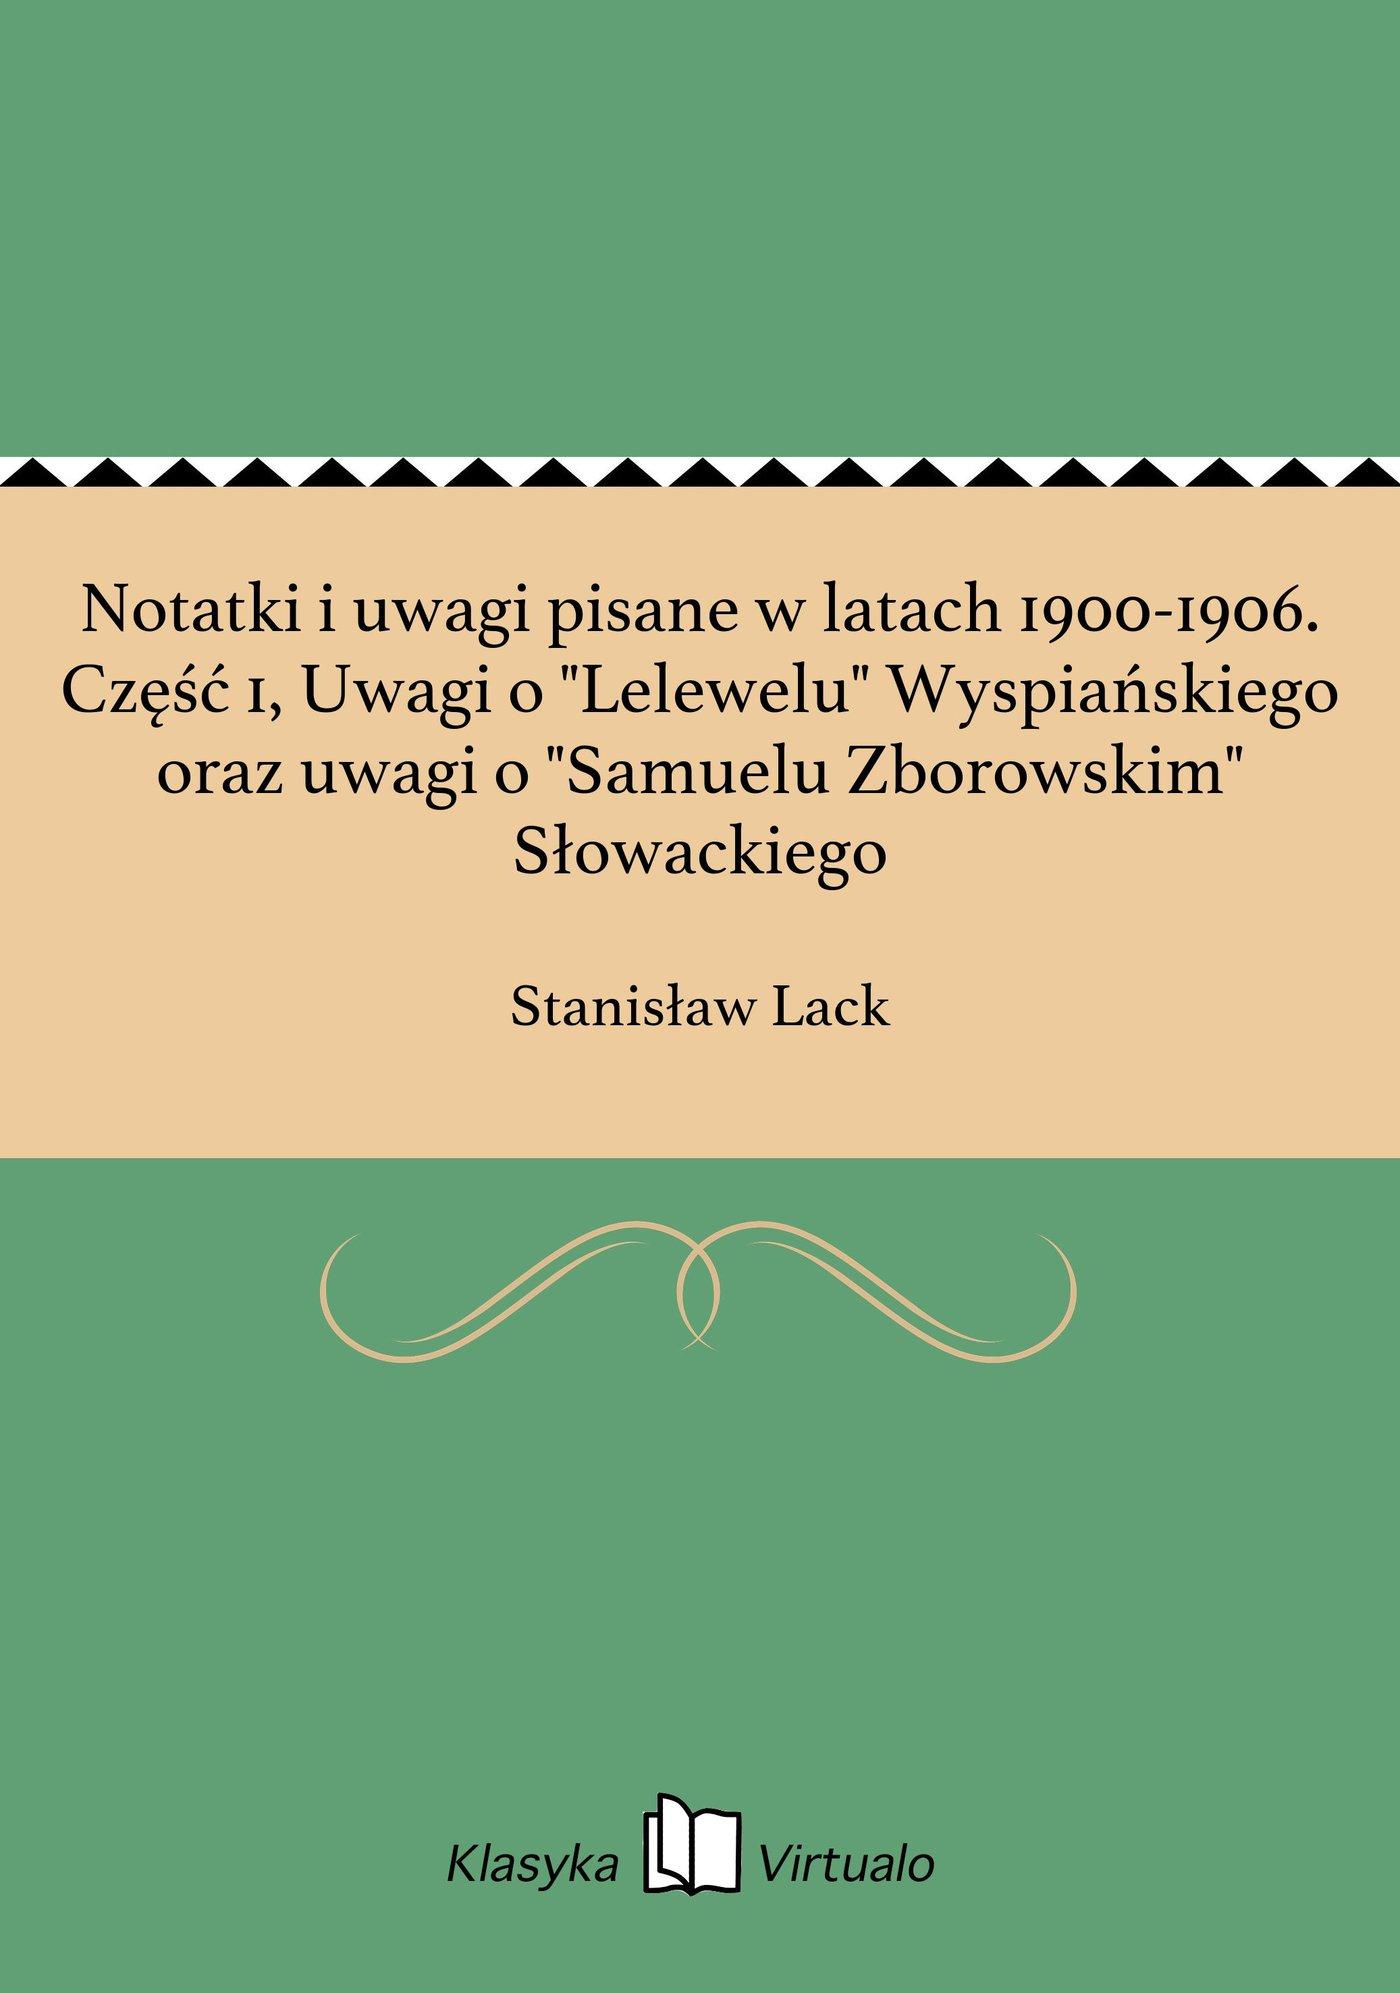 """Notatki i uwagi pisane w latach 1900-1906. Część 1, Uwagi o """"Lelewelu"""" Wyspiańskiego oraz uwagi o """"Samuelu Zborowskim"""" Słowackiego - Ebook (Książka na Kindle) do pobrania w formacie MOBI"""